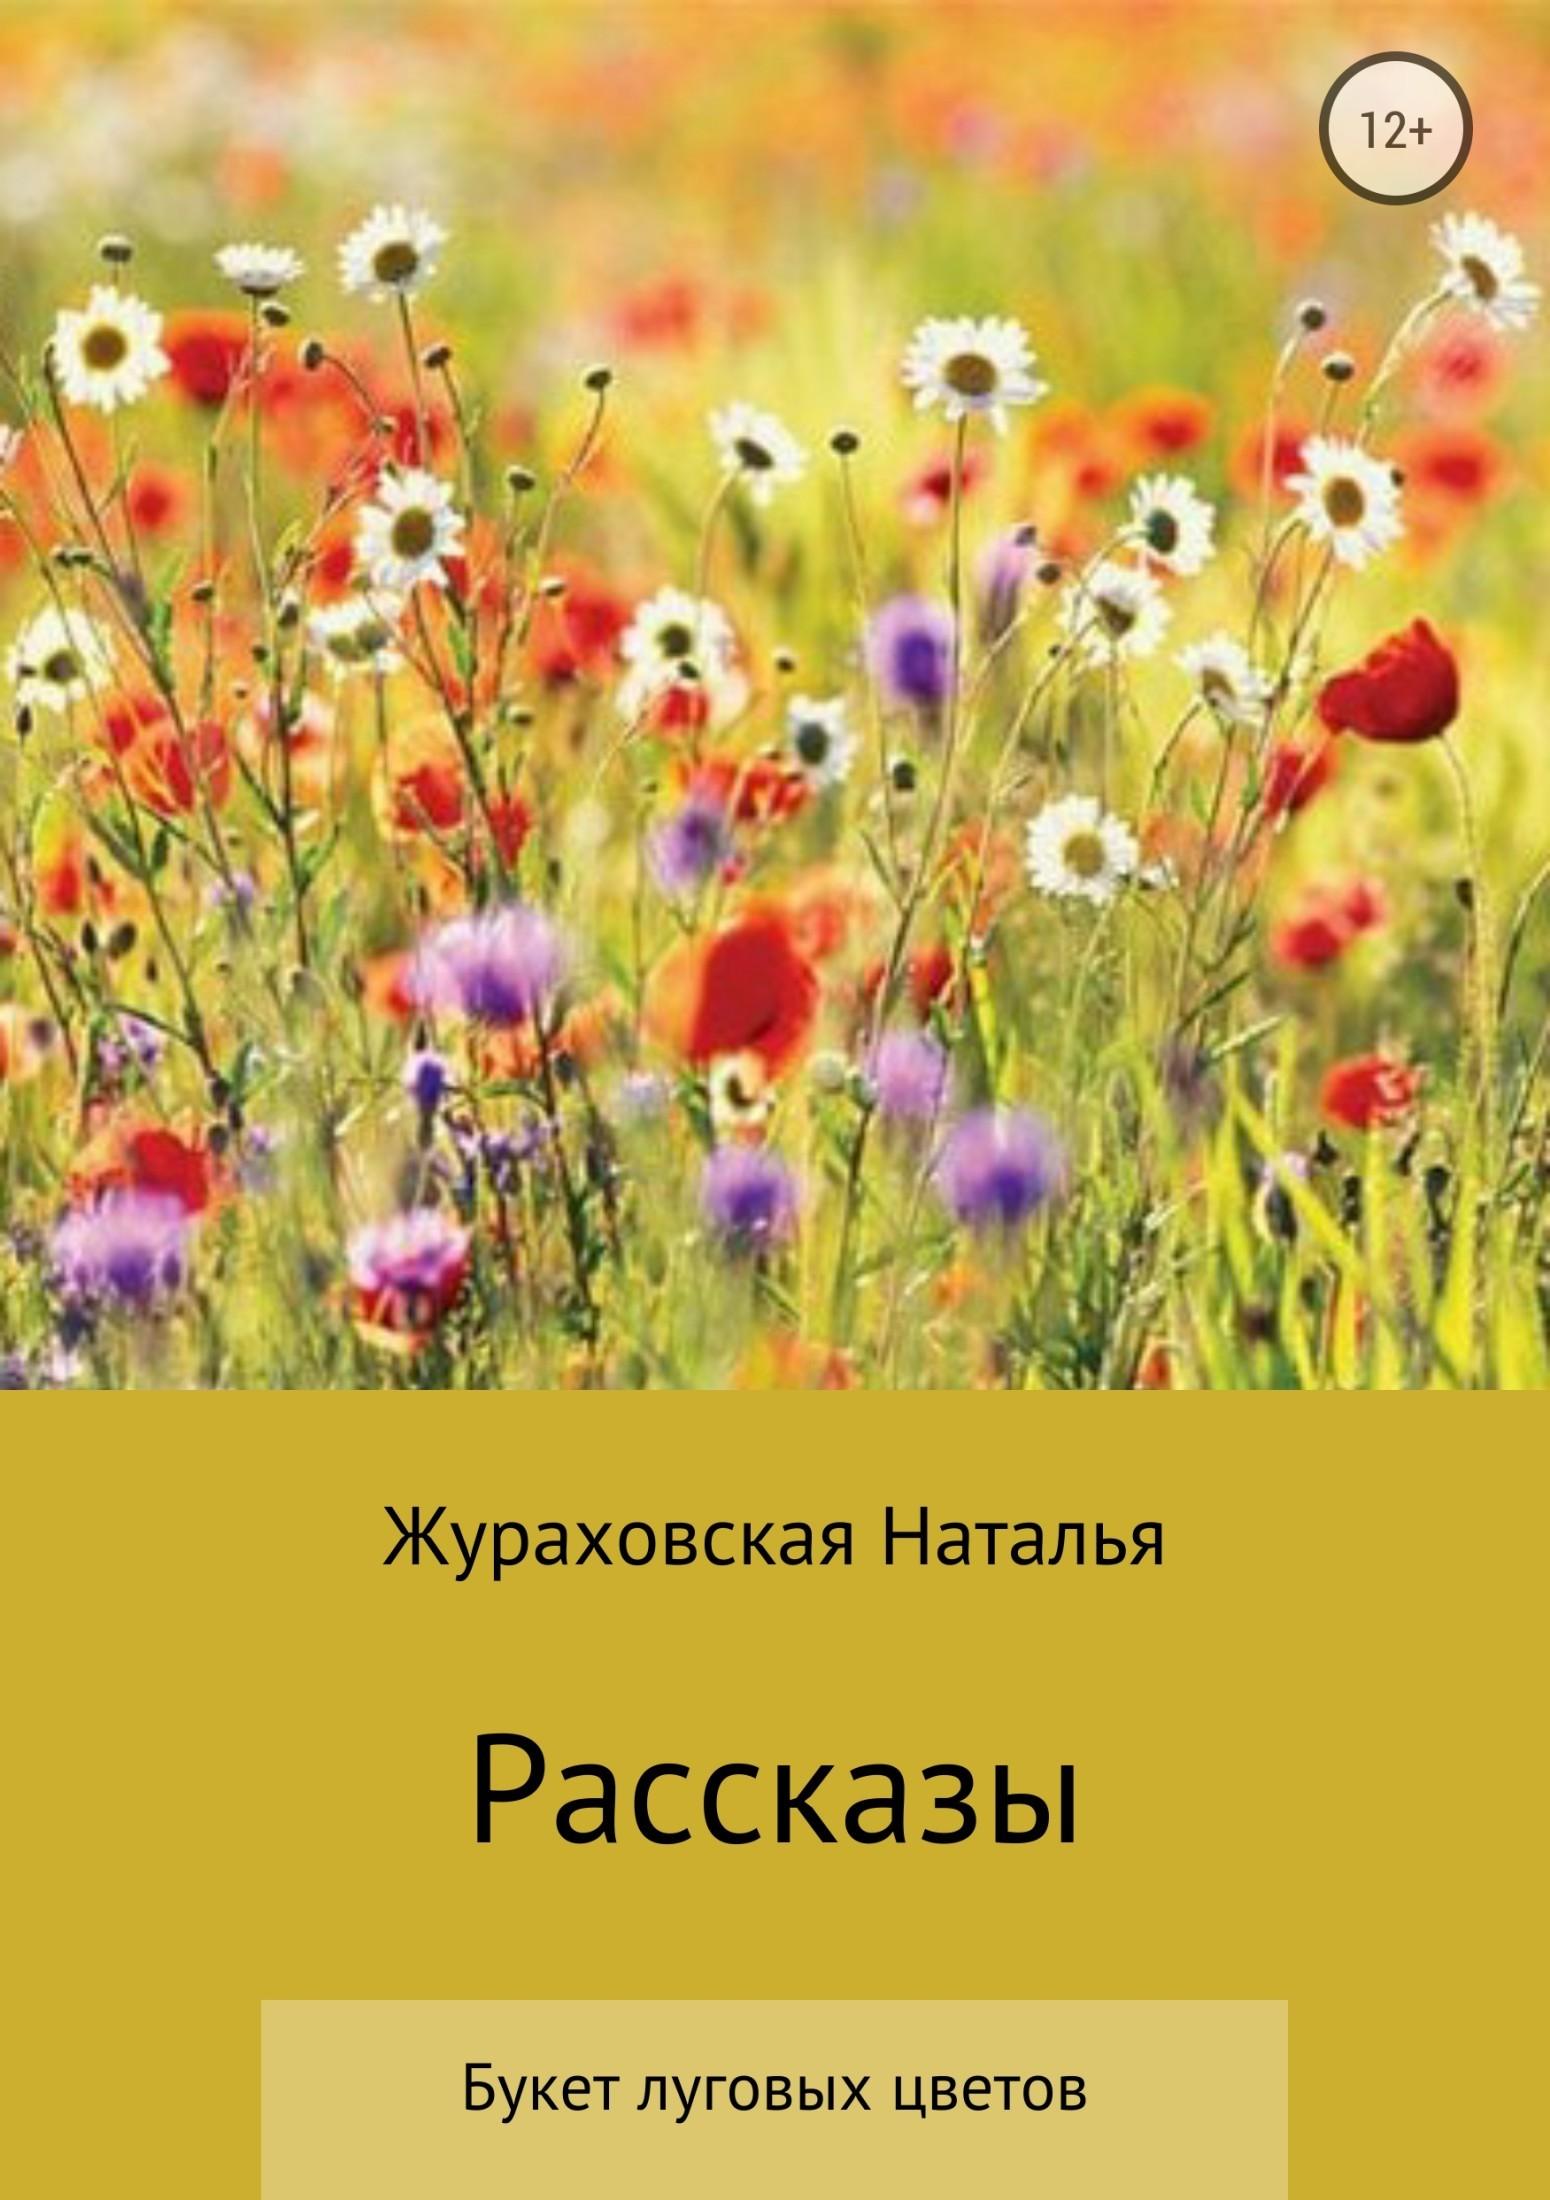 Наталья Жураховская - Букет луговых цветов. Рассказы